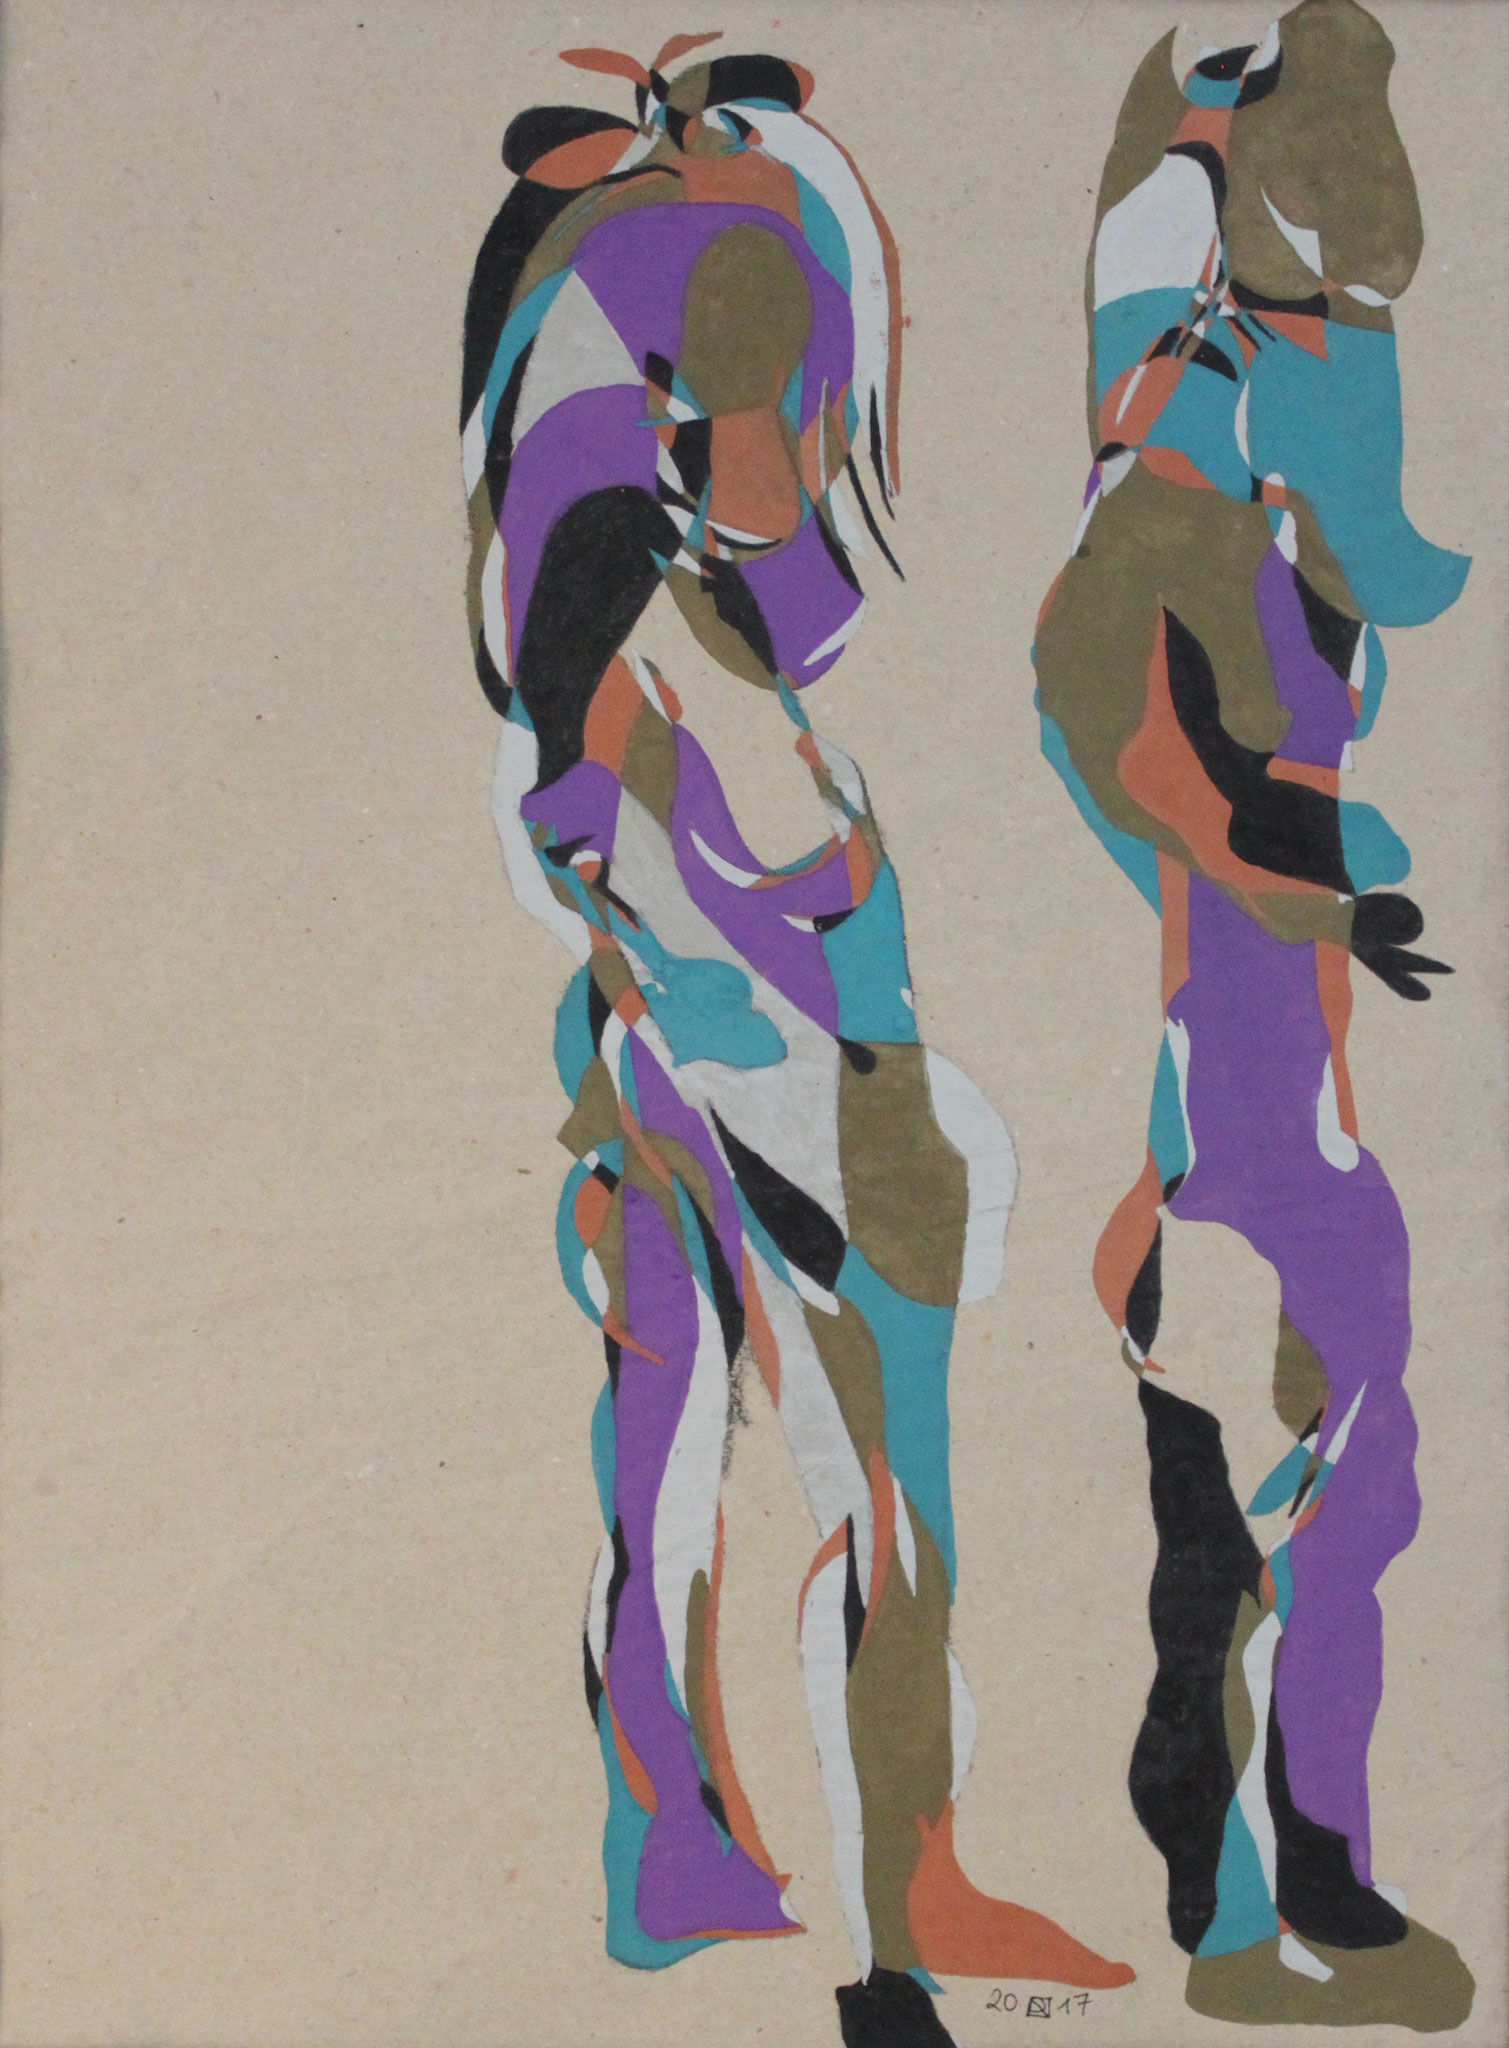 Satyrpärchen, Aquarell und Buntstift auf Papier, 2017, 47 cm x 34 cm